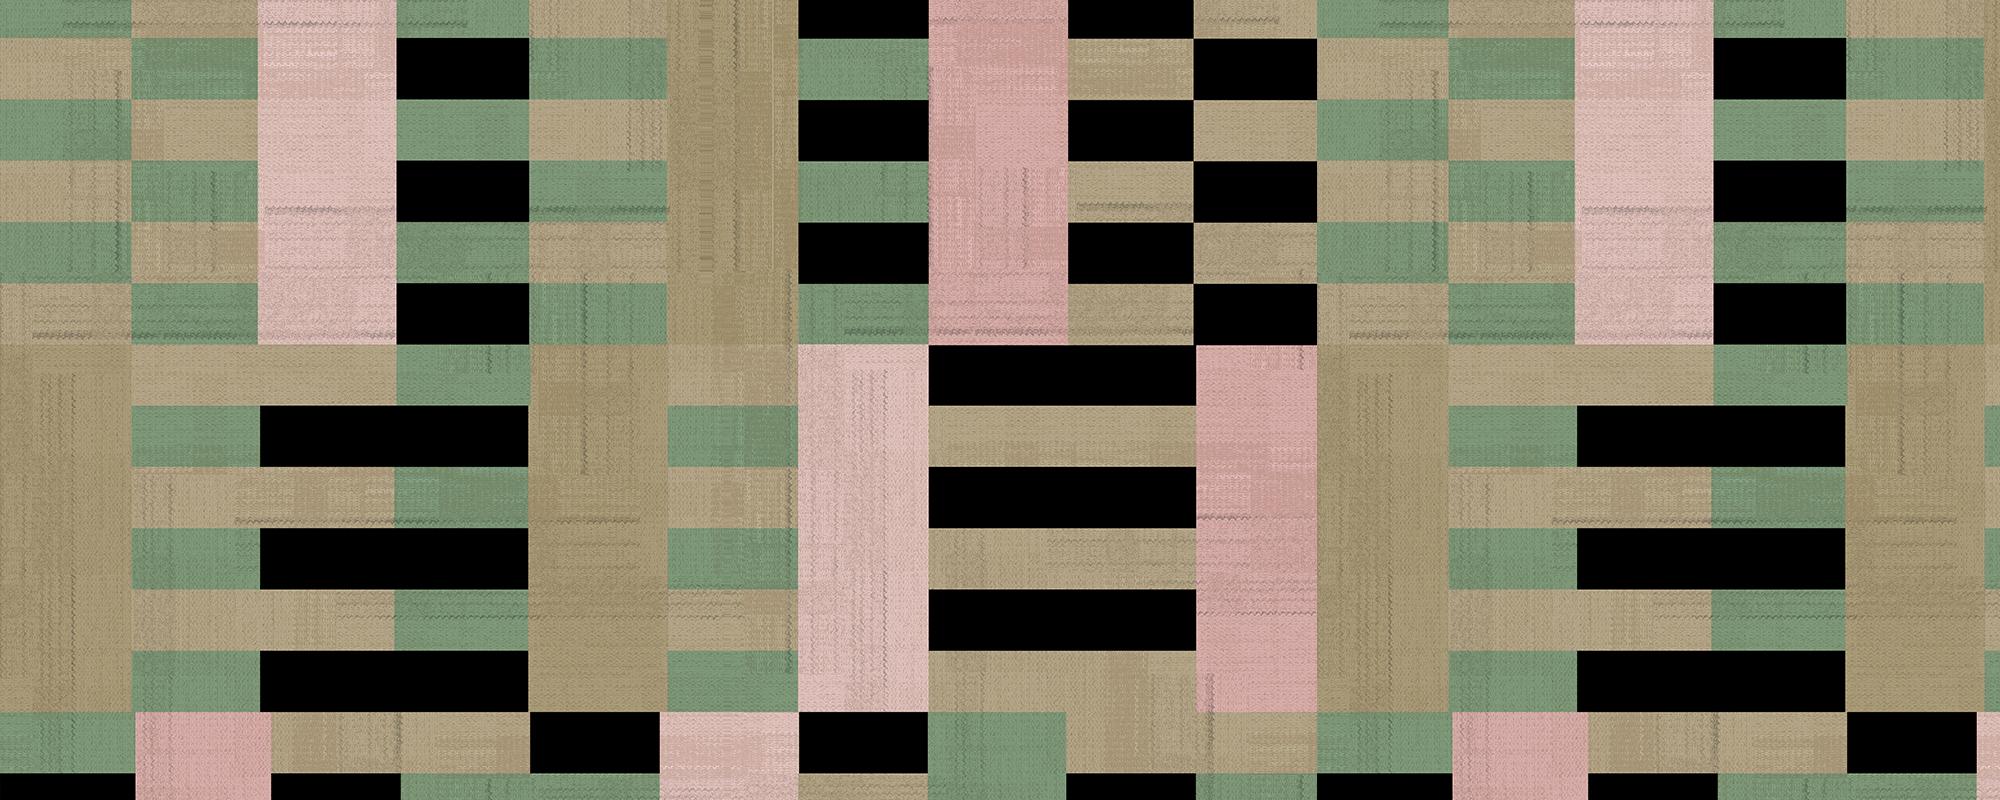 Papier peint graphique inspiré des mouvements modernistes